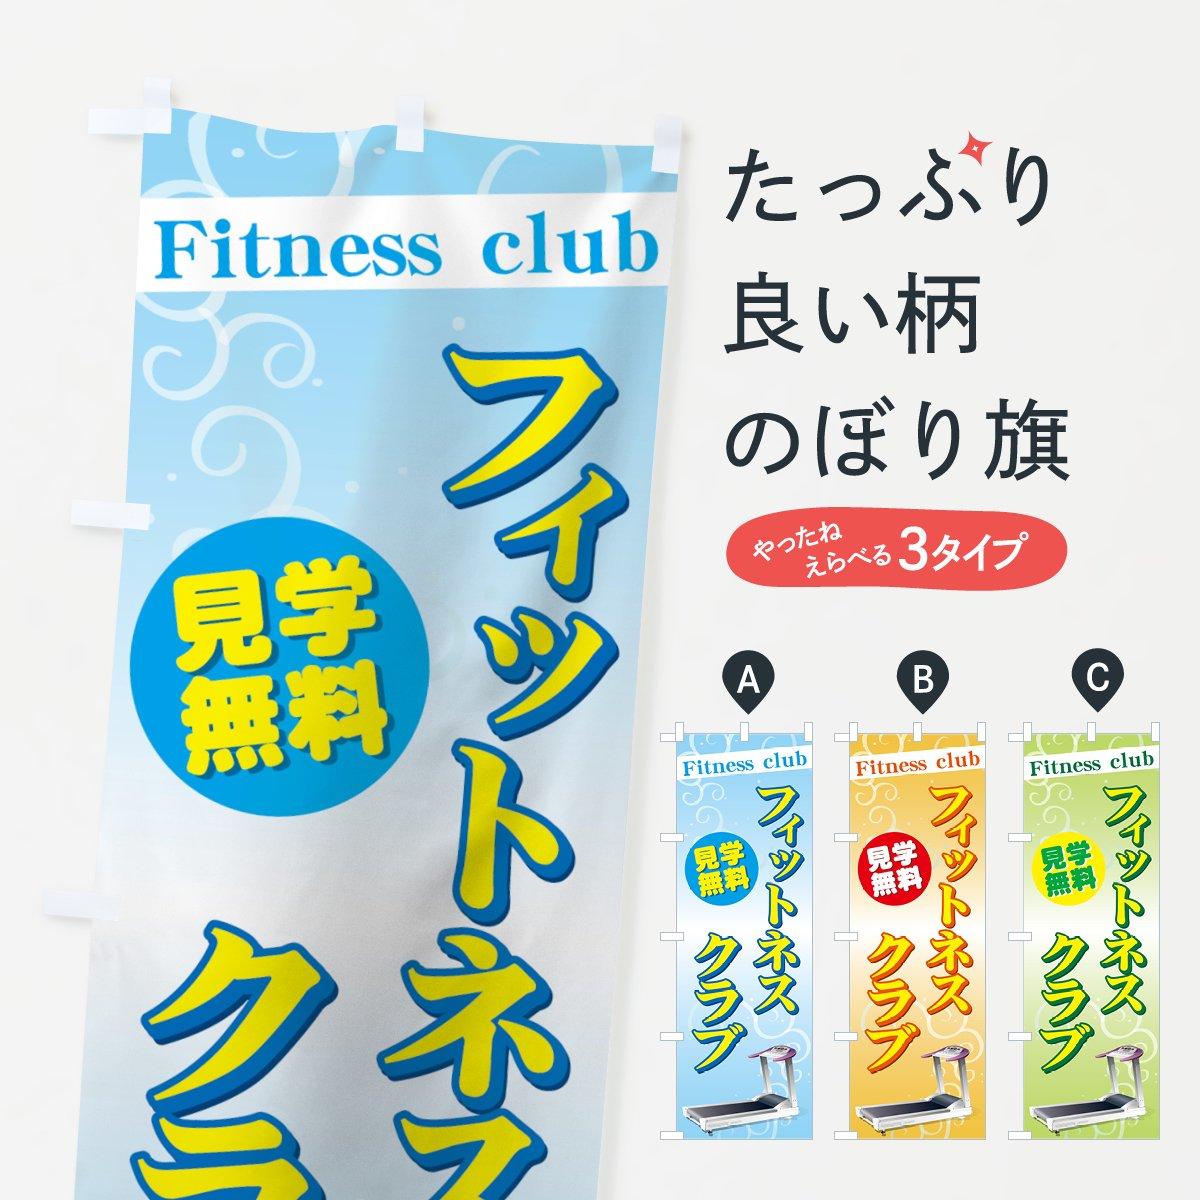 フィットネスクラブのぼり旗【スポーツクラブ】[見学無料]